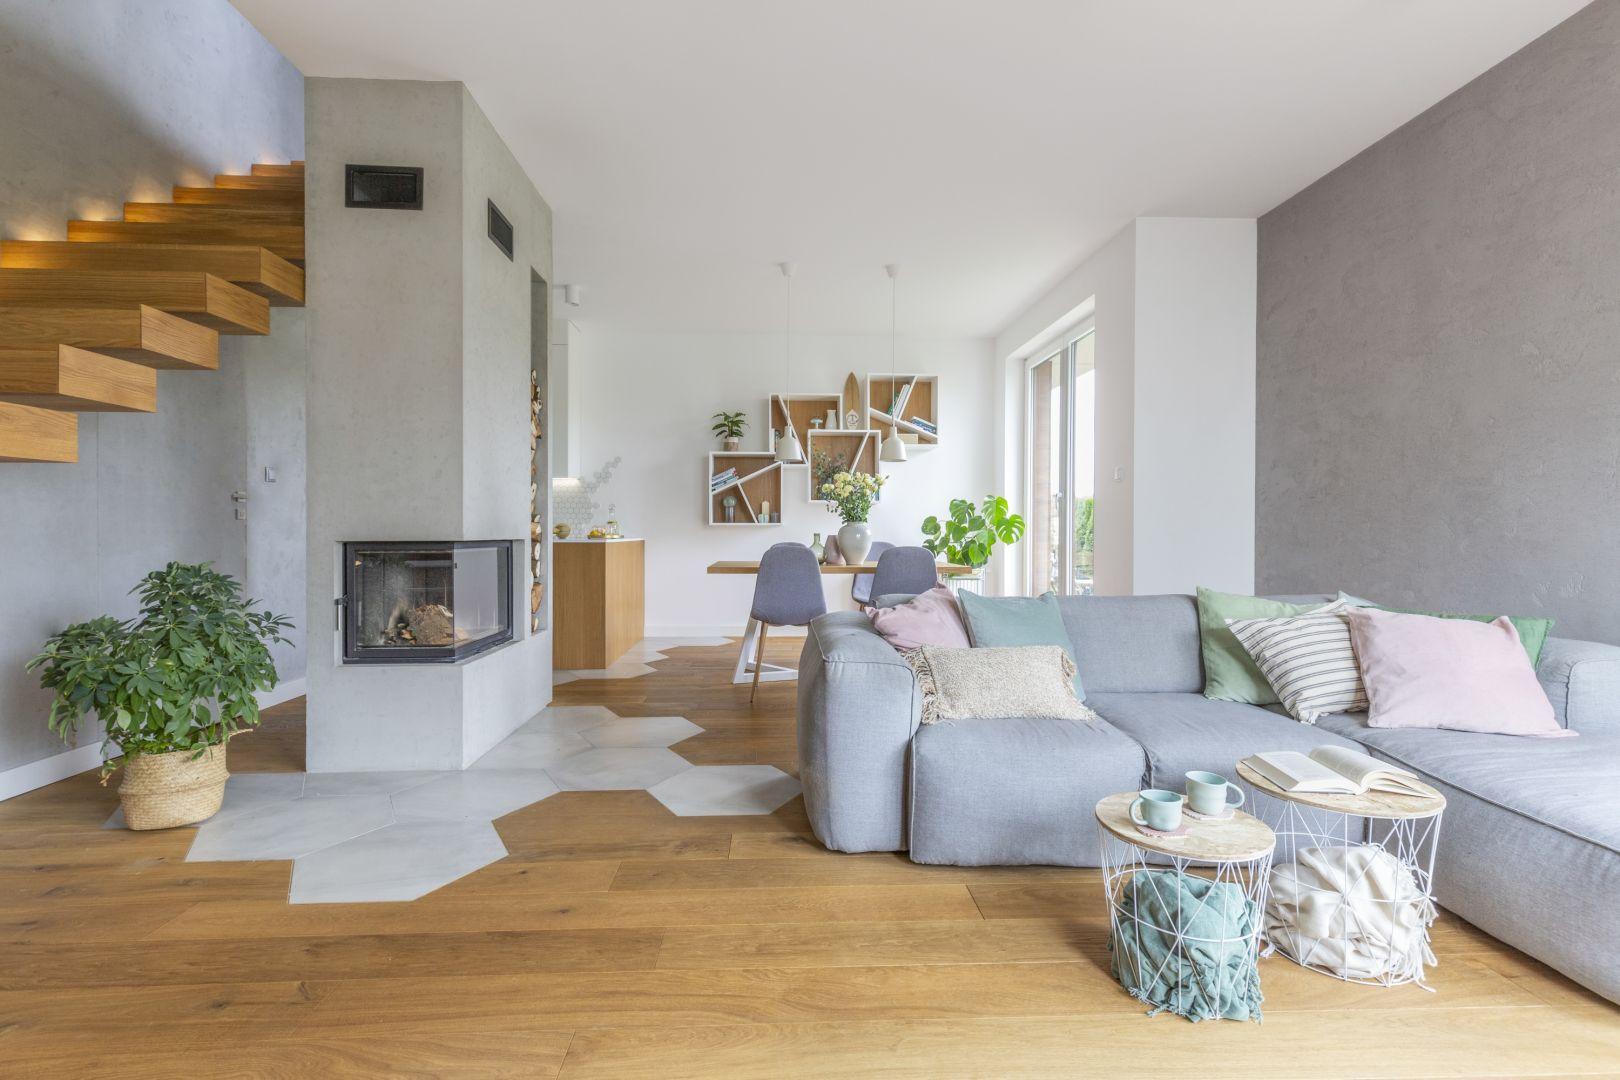 Drewniana podłoga w ciepłym kolorze i chłodny beton na ścianie. Projekt: Zu Projektuje. Fot. Pion Poziom